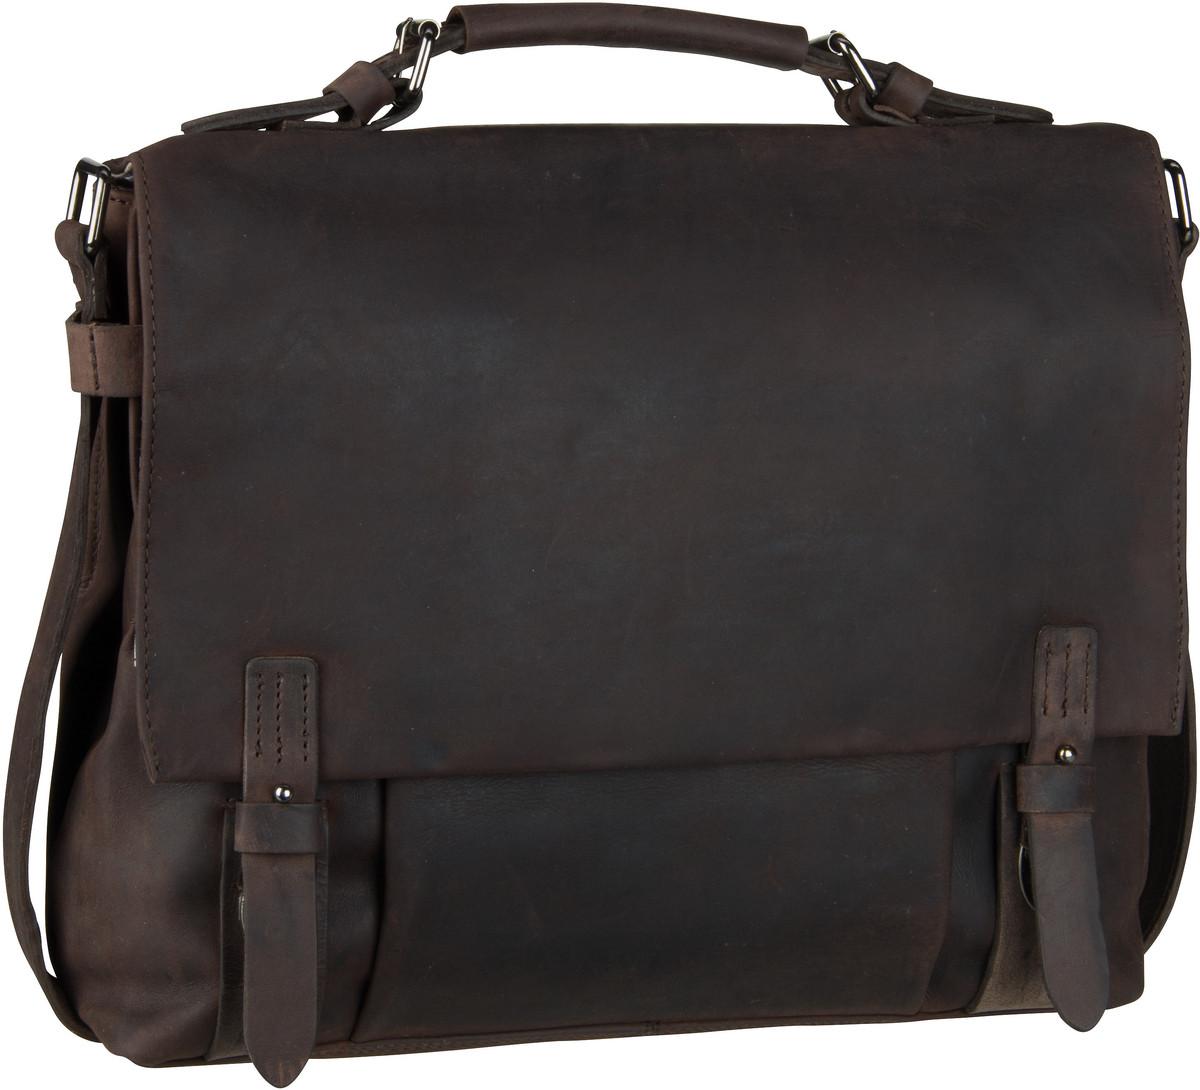 Businesstaschen für Frauen - Harold's Aktentasche Leado 2441 Mappe Braun  - Onlineshop Taschenkaufhaus